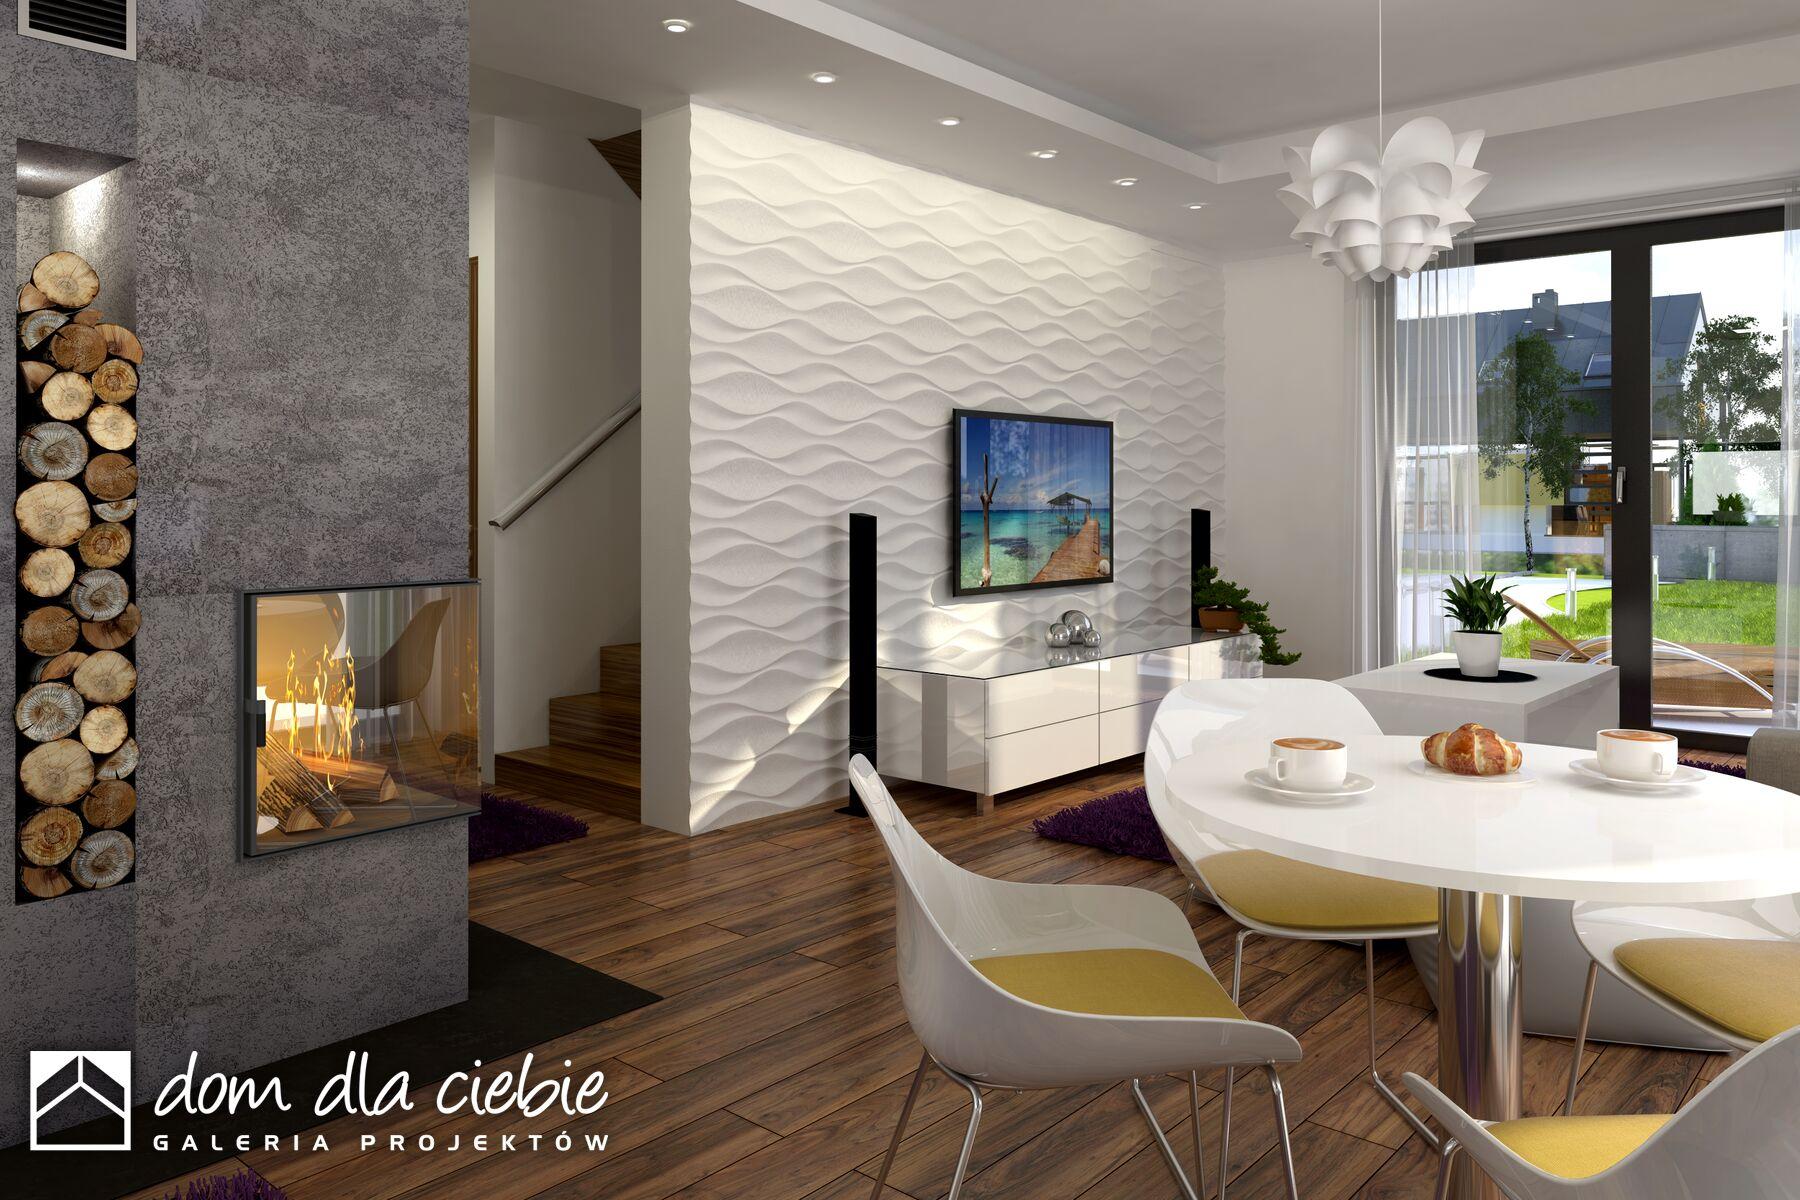 Projekt Domu Eco 1 Bez Garażu Wariant B Dom Dla Ciebie